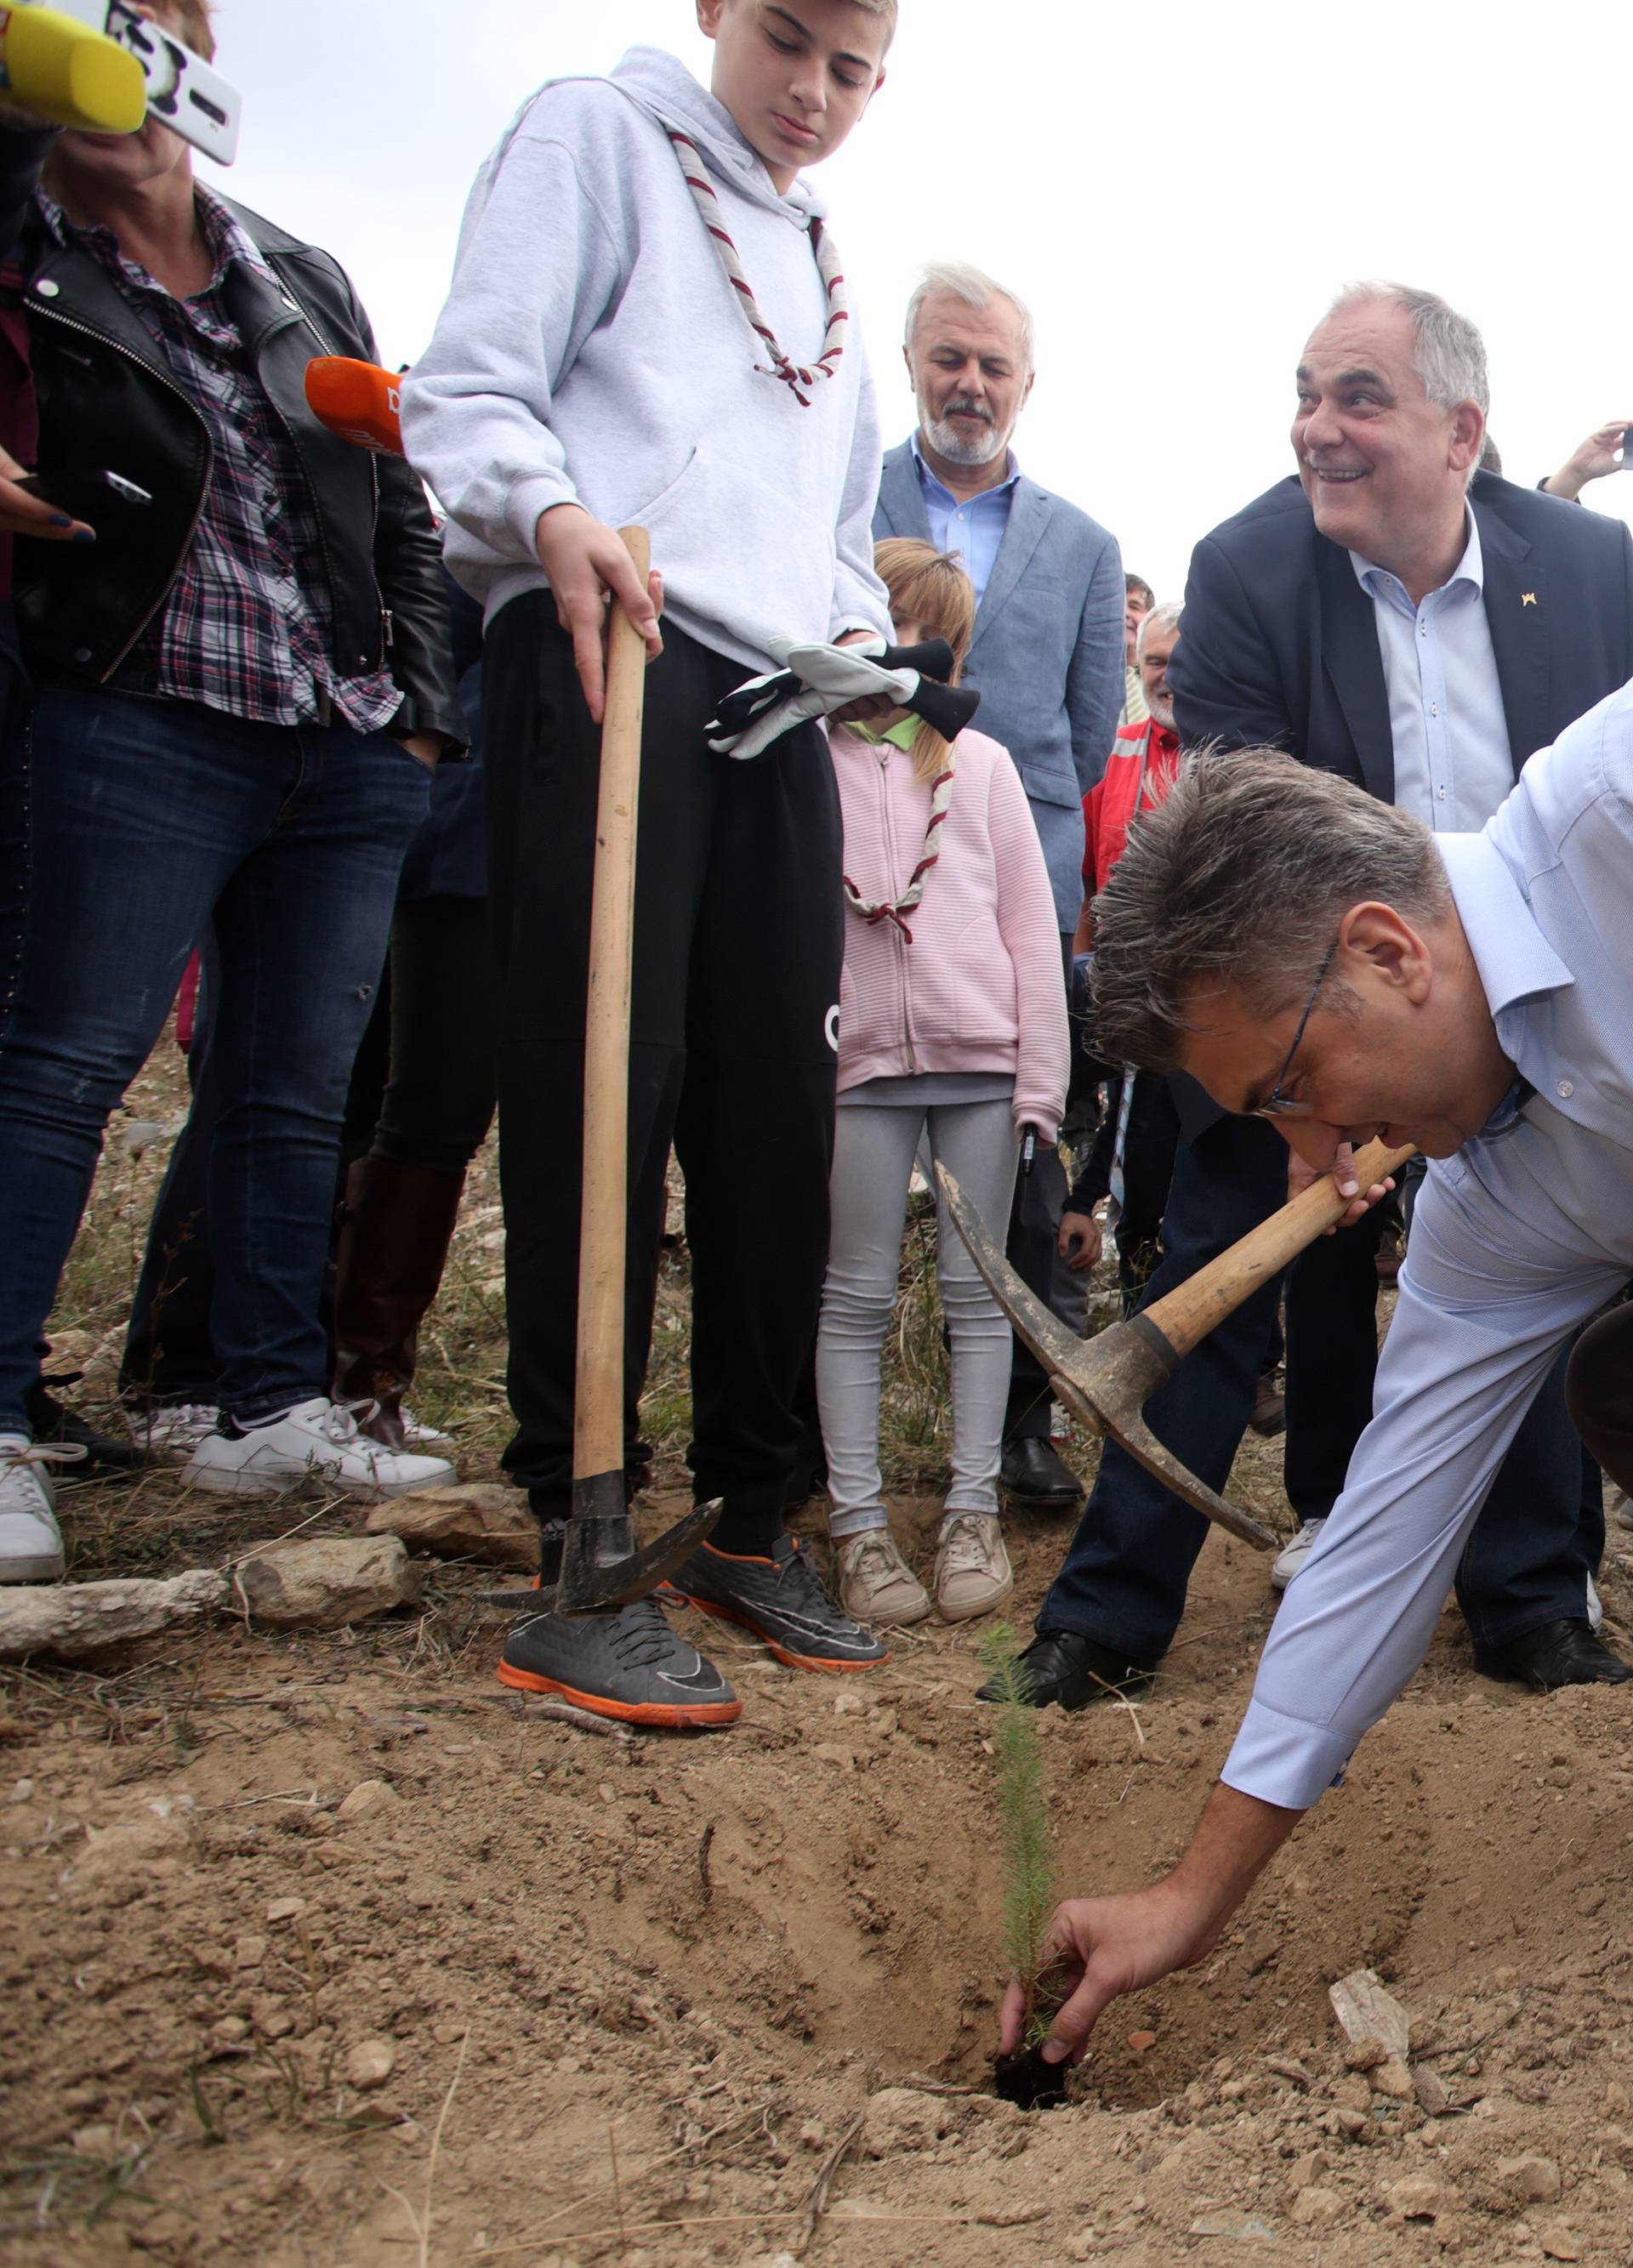 Kučine: Premijer Plenković u akciji pošumljavanja posadio pitomi bor